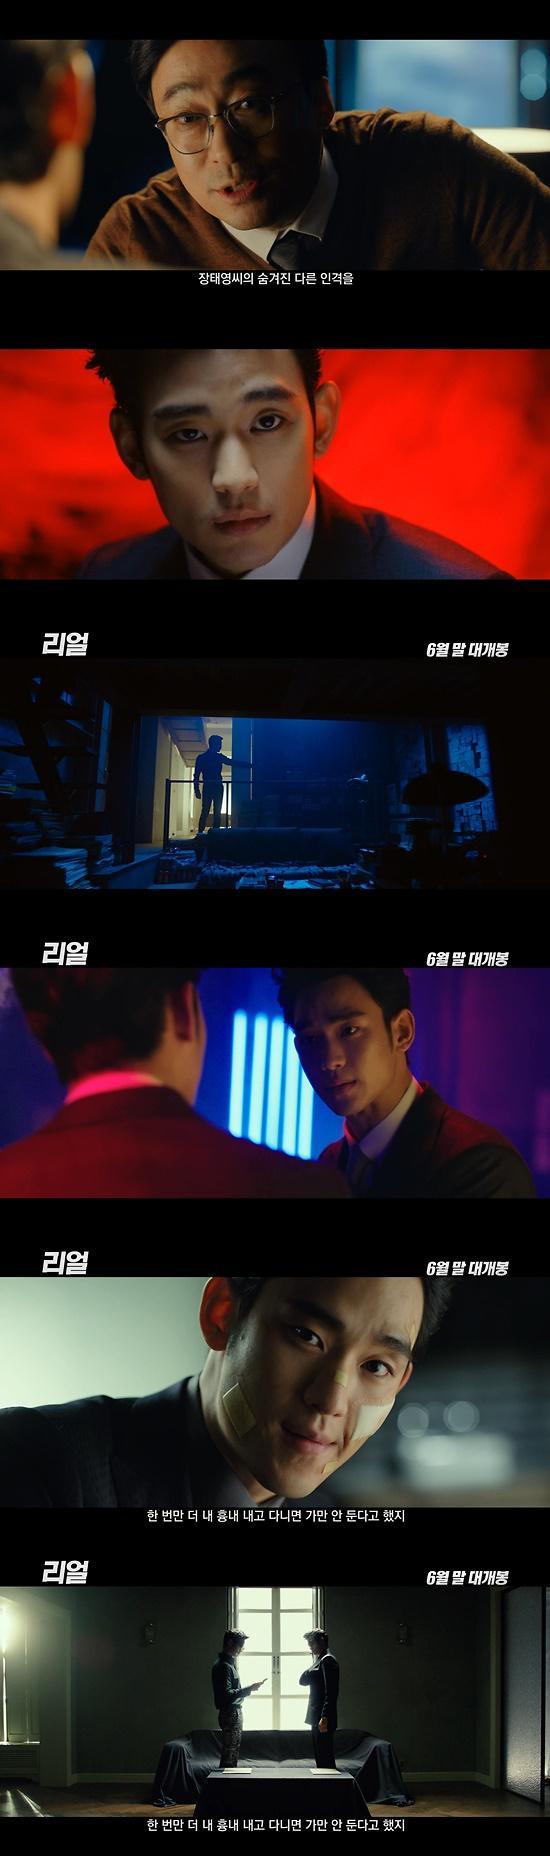 金秀贤主演电影《Real》公开主打预告片